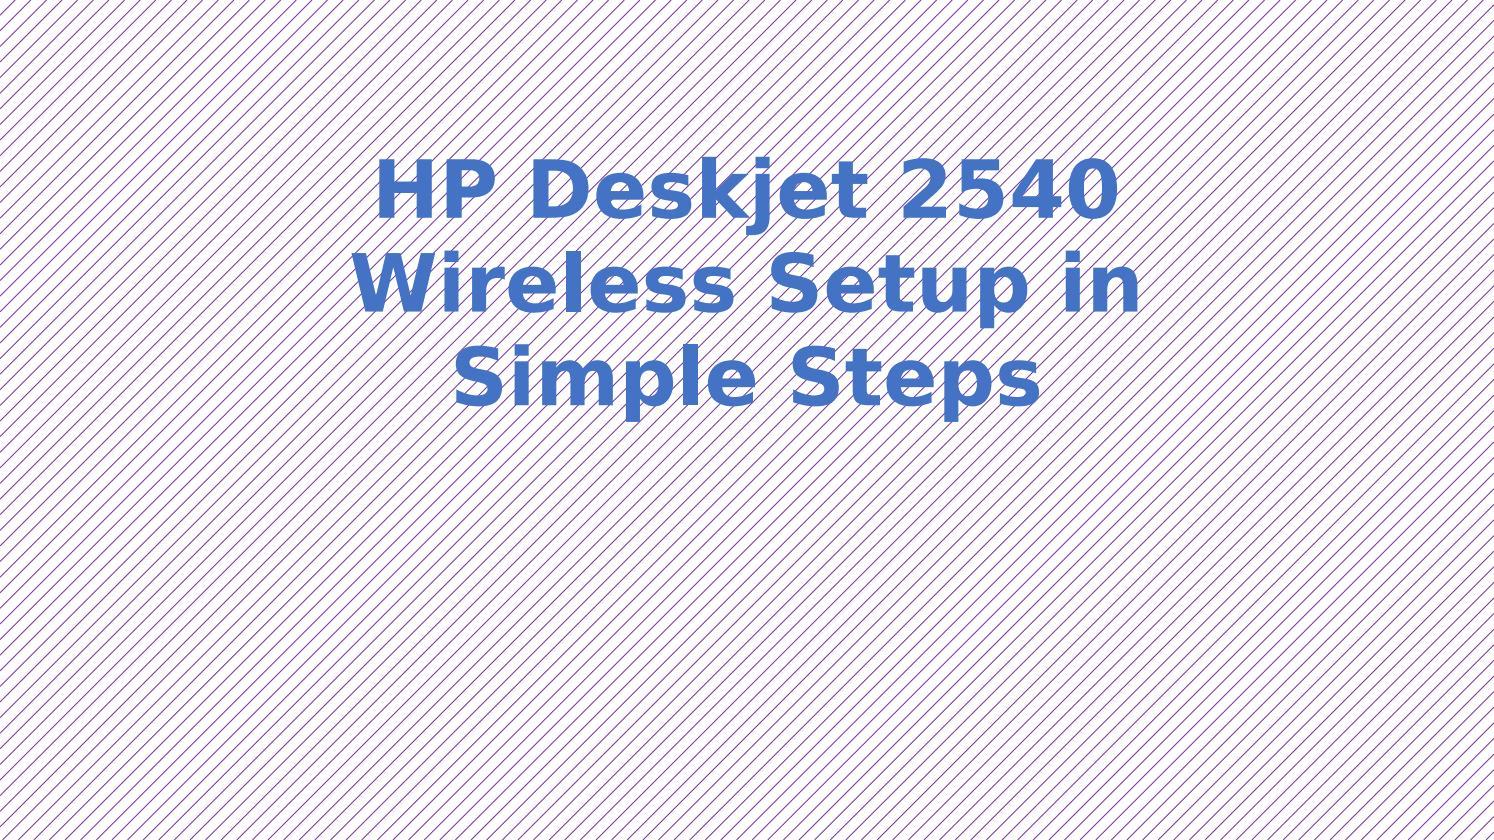 HP Deskjet 2540 Wireless Setup in Simple steps by